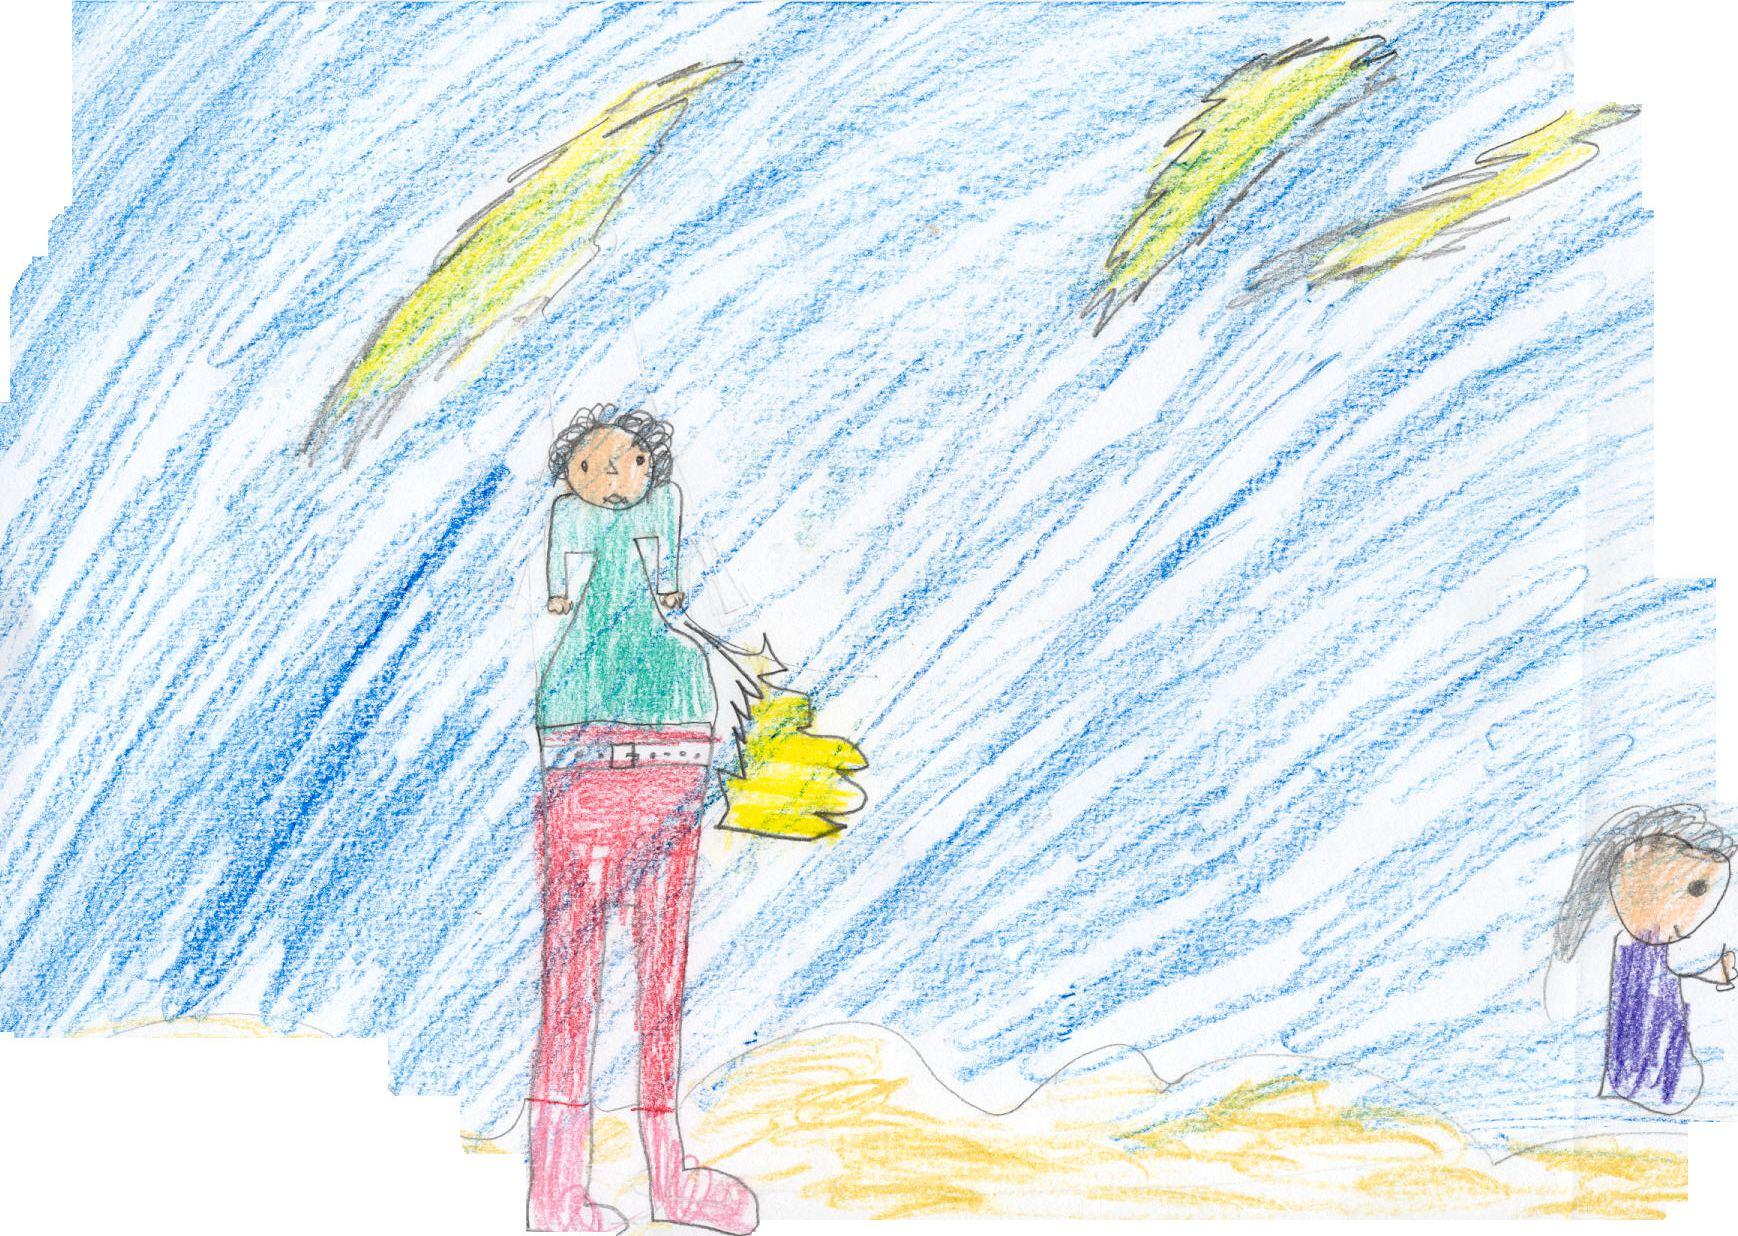 Zeus armato di fulmine, e una figura femminile al margine           destro del foglio